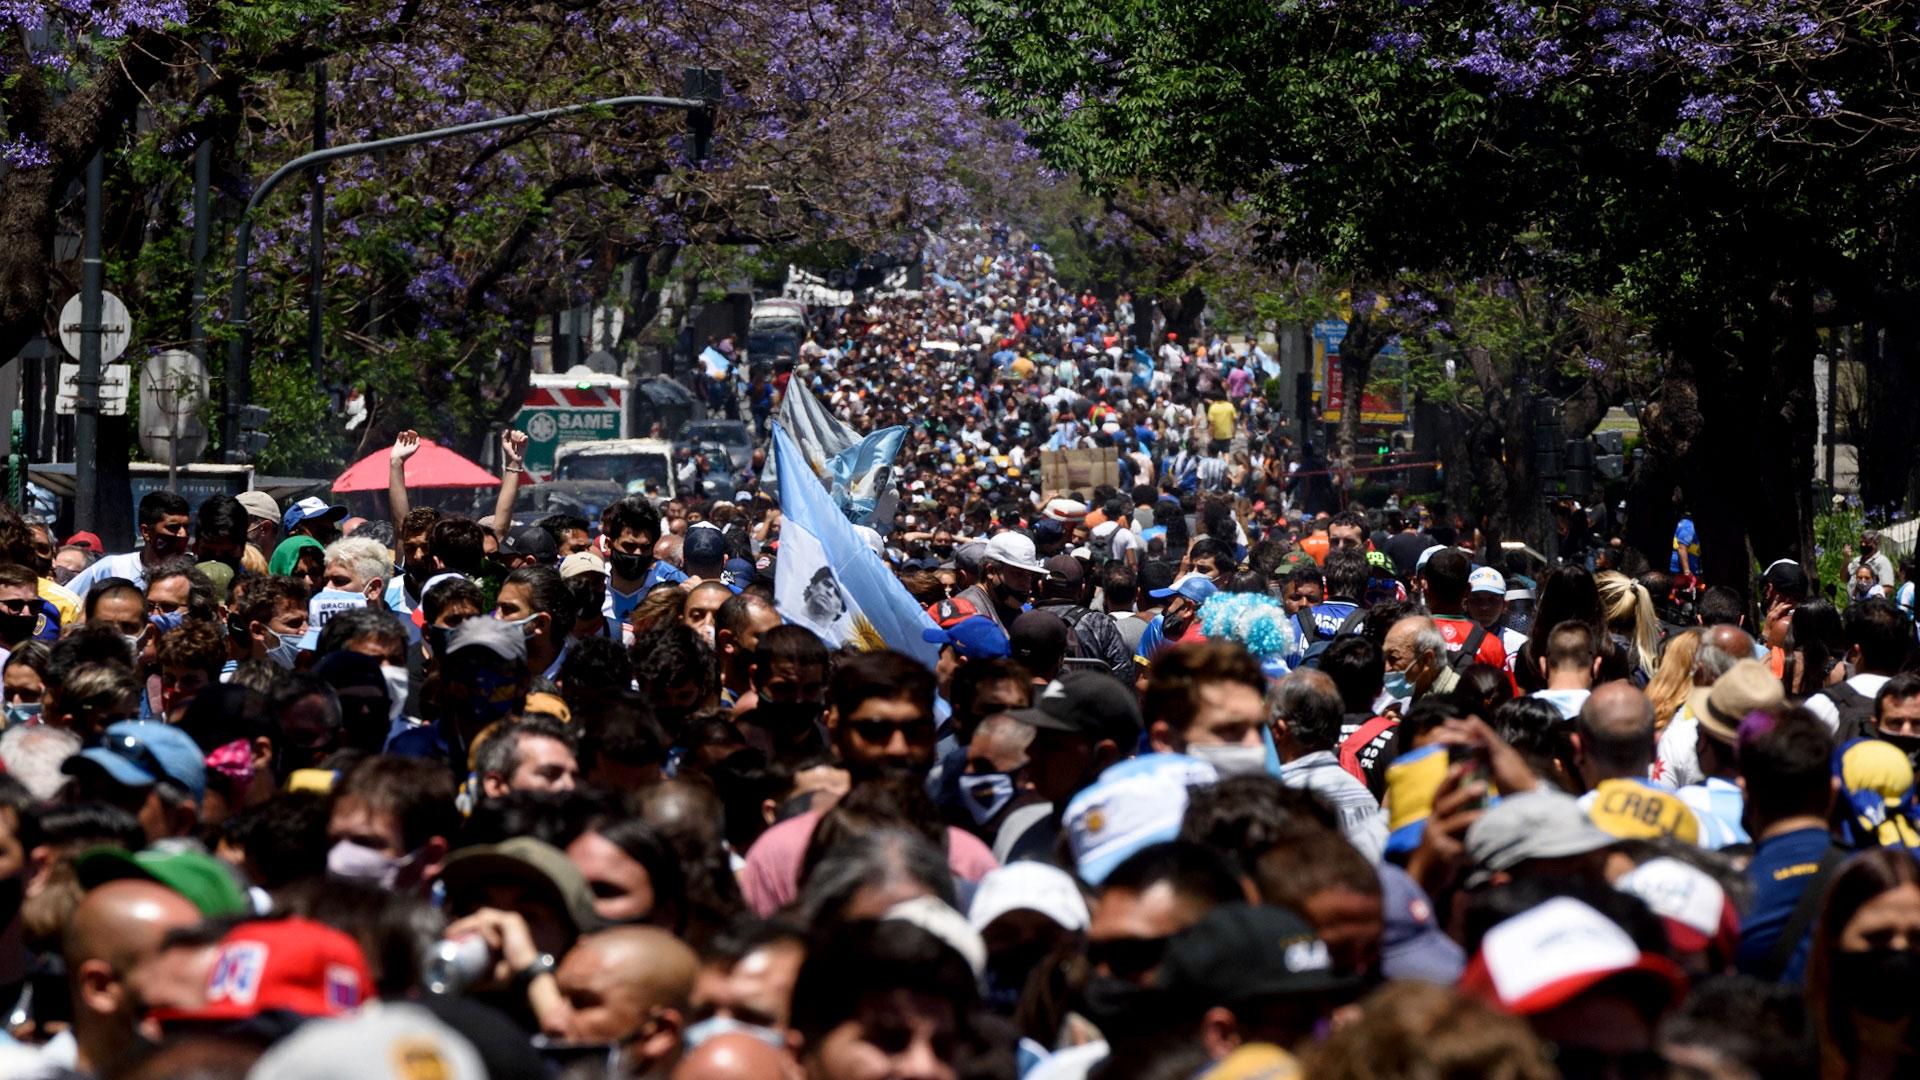 La fila interminable de personas nace en Avenida de Mayo y continúa por Carlos Pellegrini, en la ciudad de Buenos Aires